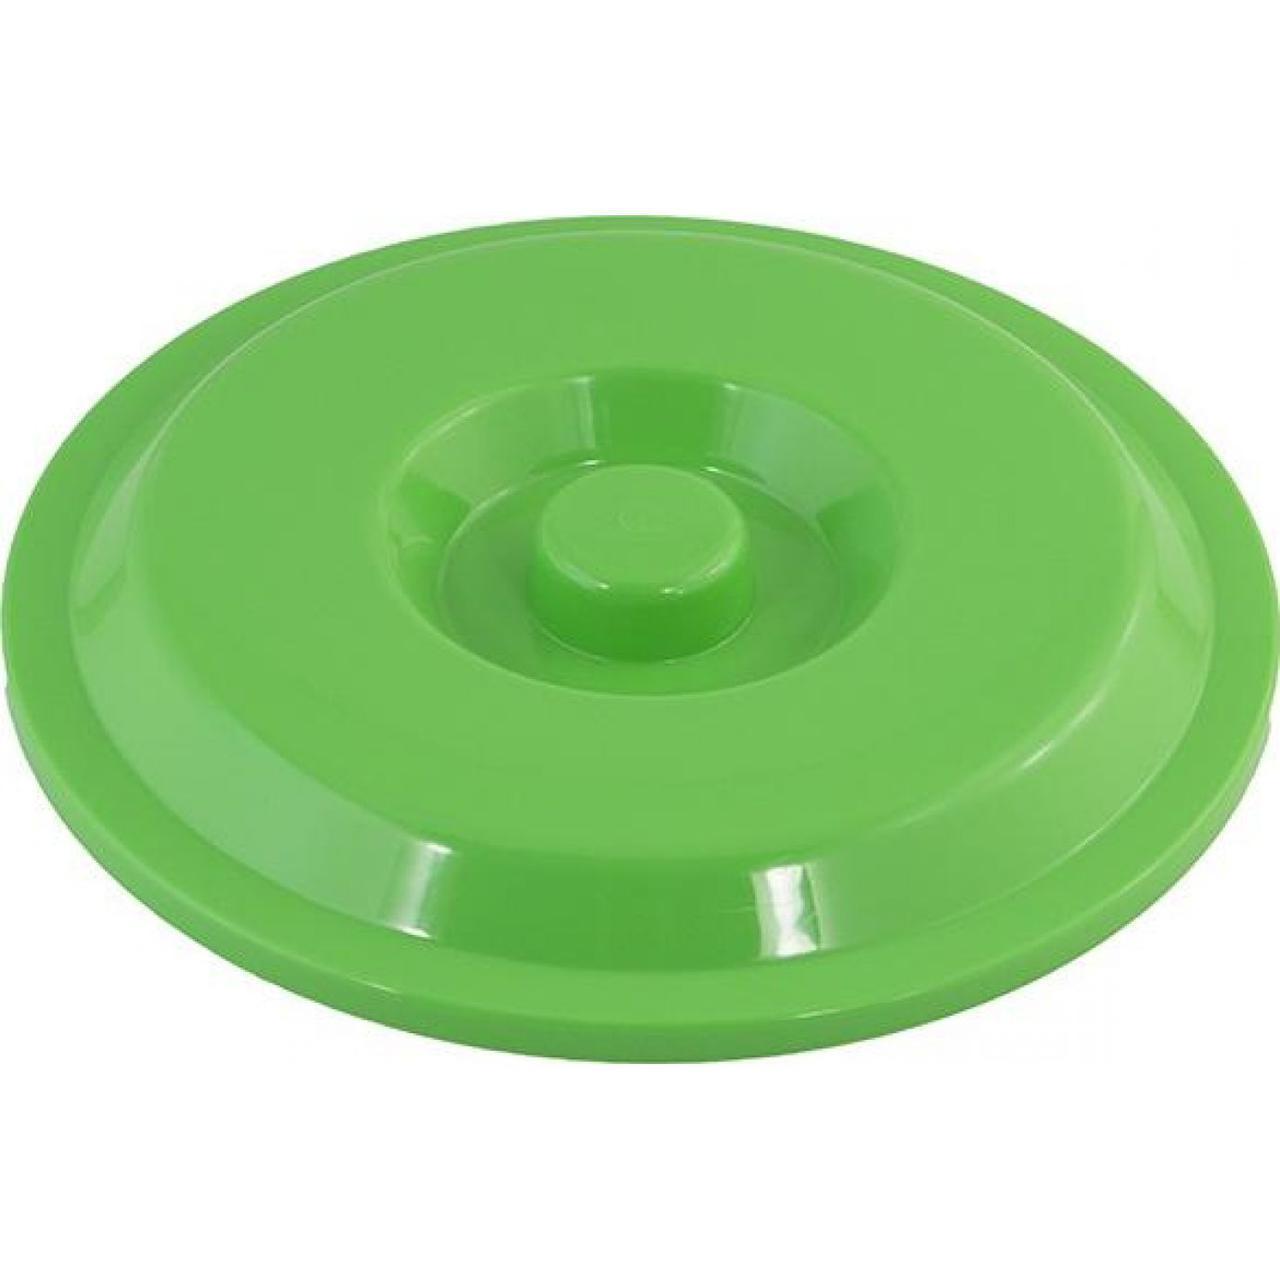 Крышка для ведра 8 л светло-зеленая (15) №122032 / 0579 / Алеана /